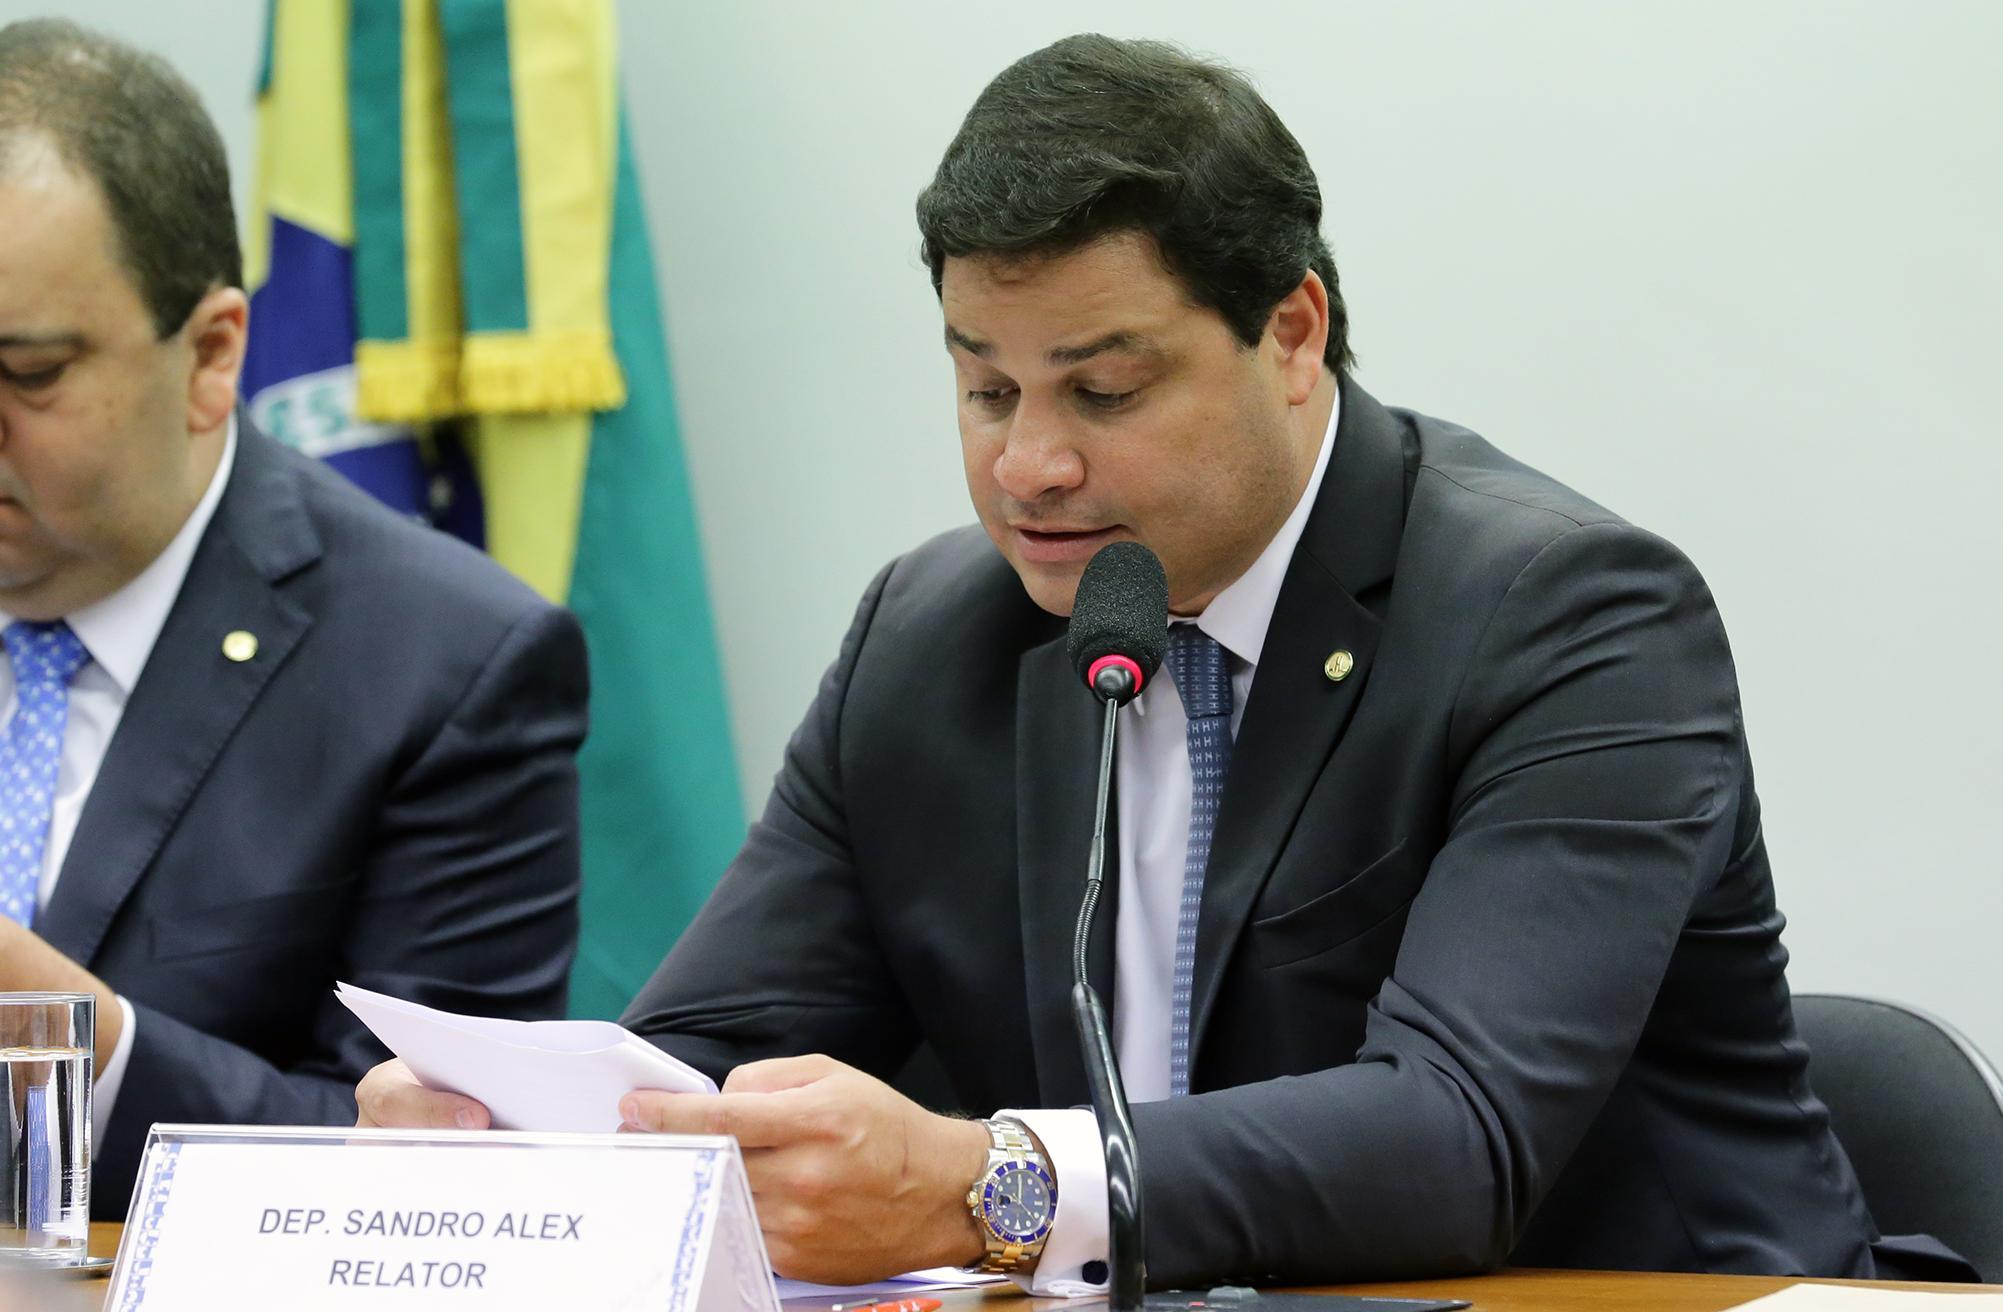 Reunião Ordinária Deliberativa. Dep. Sandro Alex (PSD - PR)